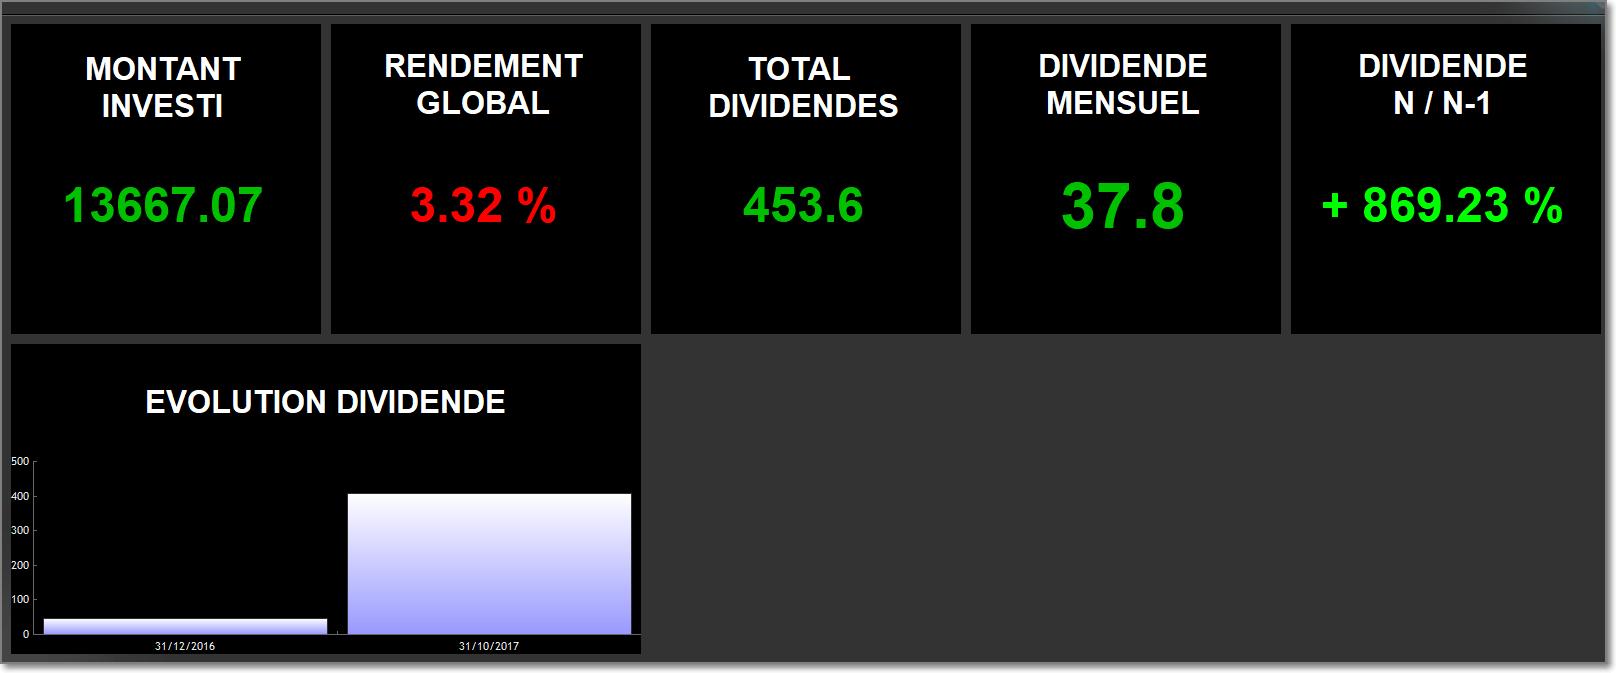 http://www.aristocrates-du-dividende.fr/wp-content/uploads/2017/11/Image829.png